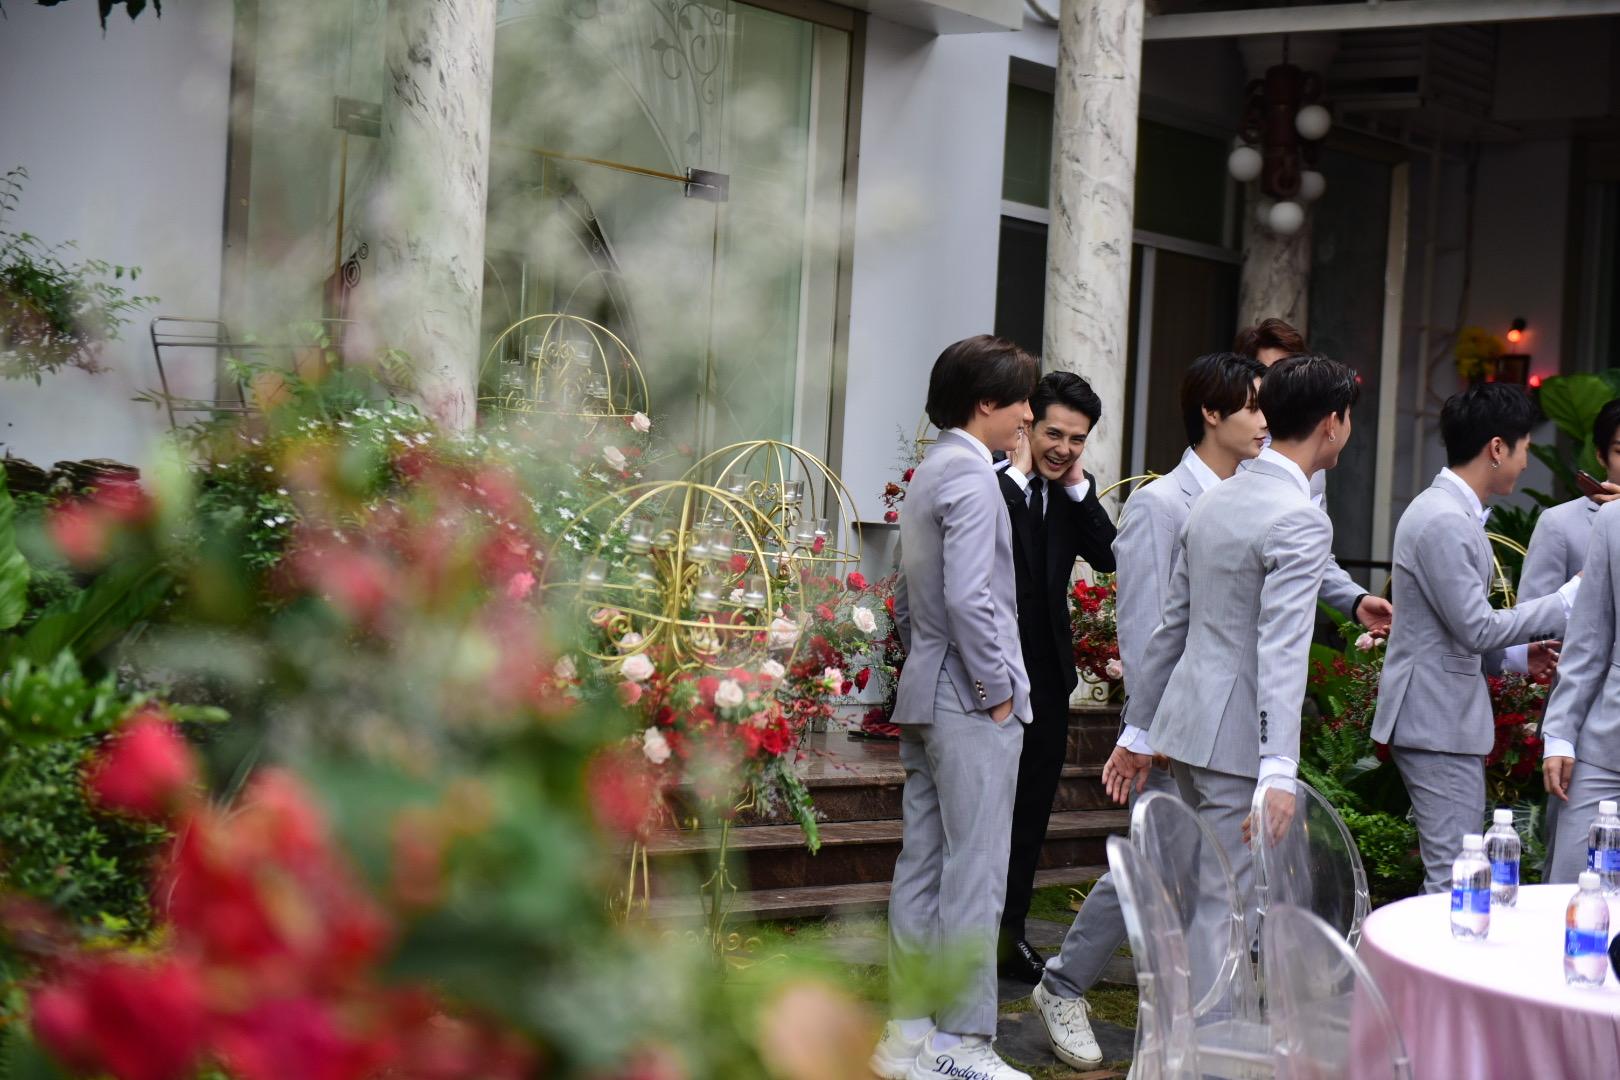 Đám cưới thế kỷ Đông Nhi - Ông Cao Thắng: Chú rể rạng rỡ lái xe rước dâu, dàn phù dâu phù rể đình đám - Ảnh 2